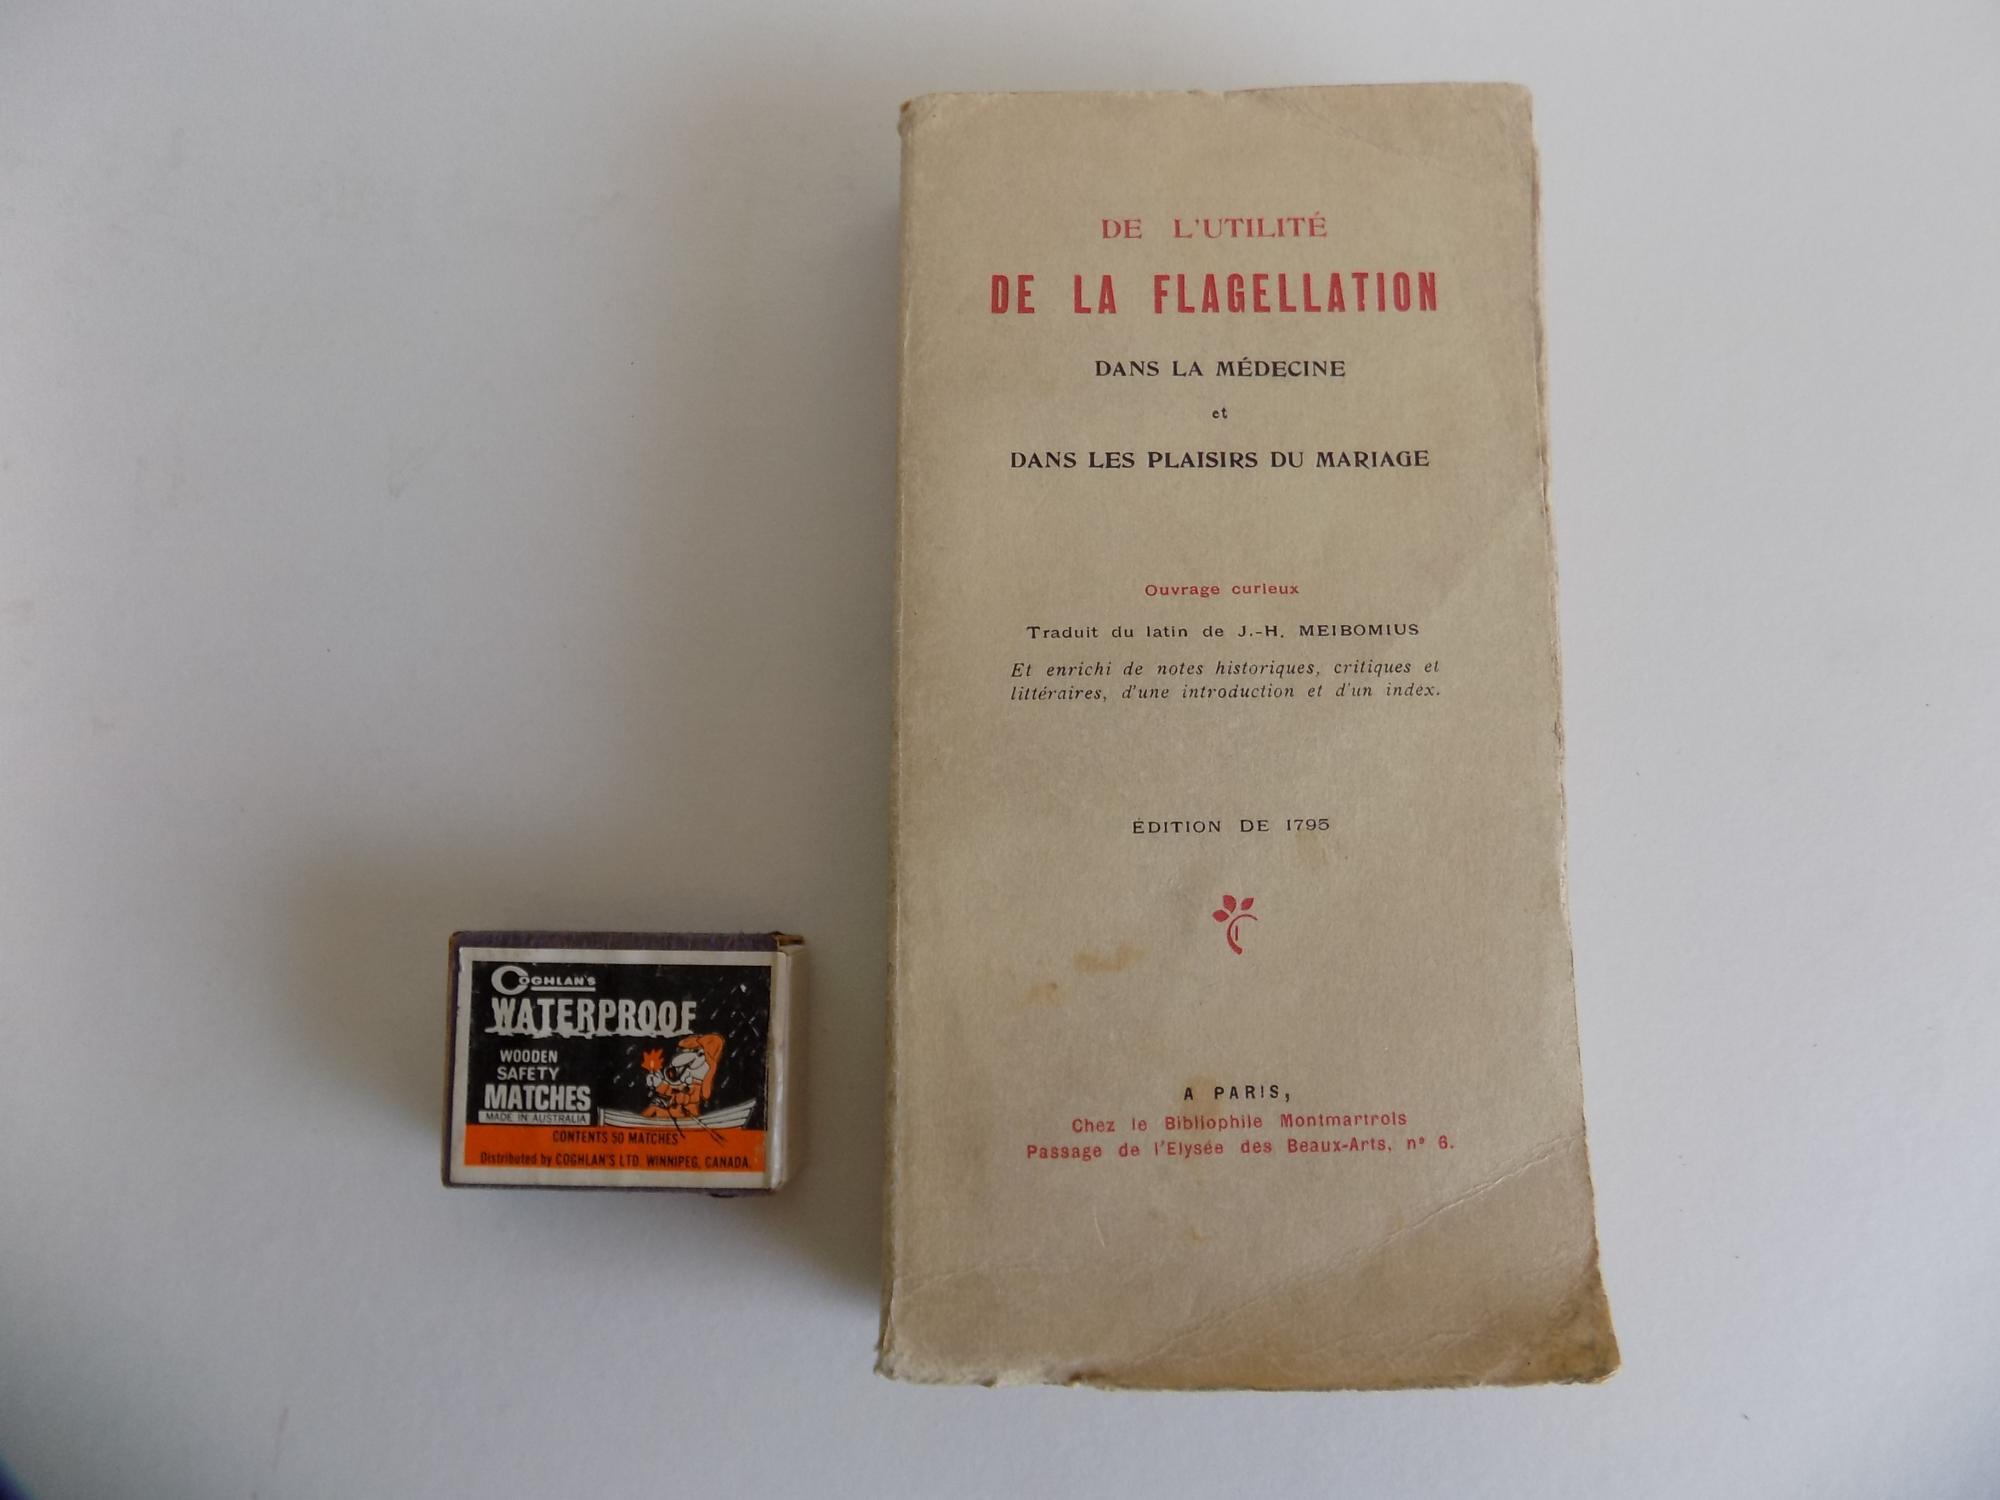 De l'utilité de la flagellation dans la: Meibom, Johann Heinrich